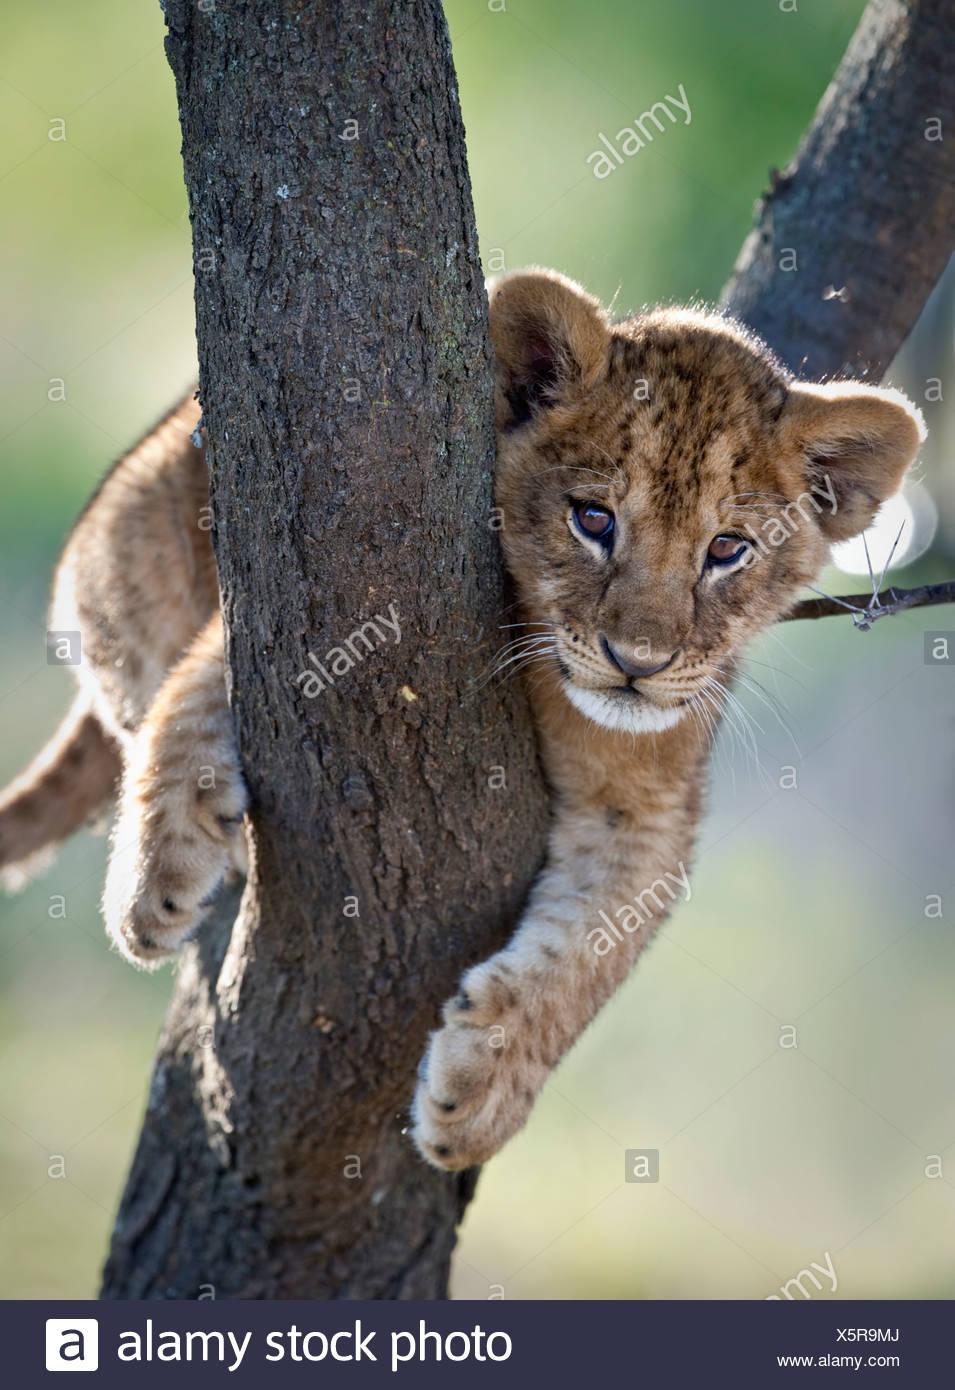 Löwenjunges etwa 3 Monate alt, einen Baum zu klettern. In der Nähe von Ndutu, Ngorongoro Conservation Area / Serengeti Nationalpark, Tansania. Stockbild